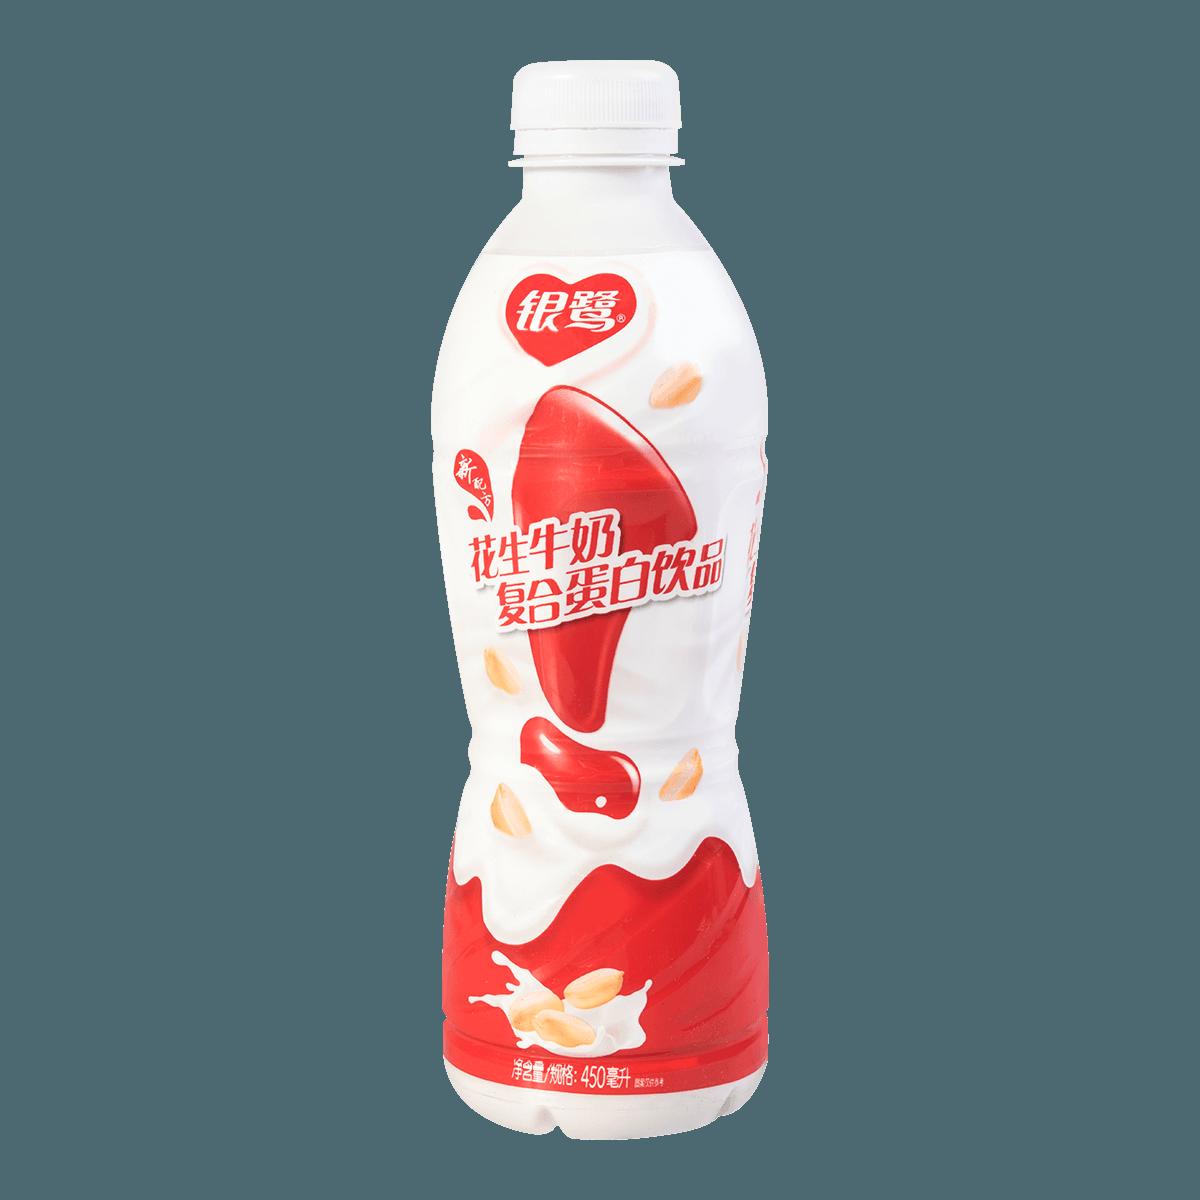 银鹭 花生牛奶复合蛋白饮品 450ml